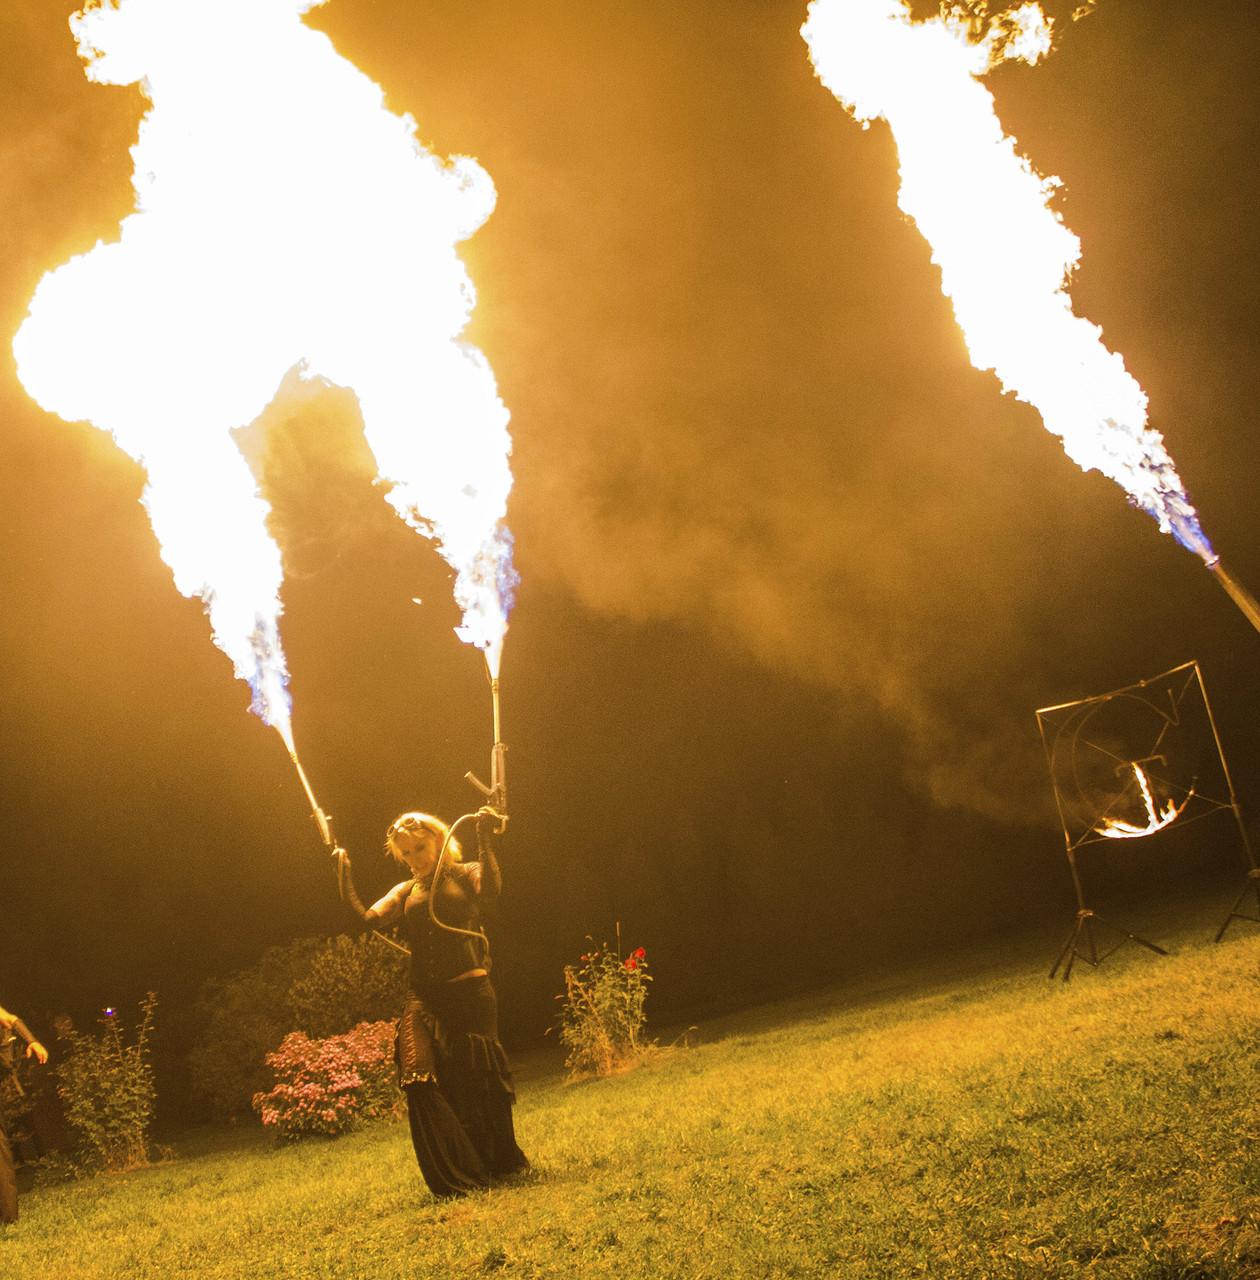 Огнемет шоу! 2 Соло огнемета и Дракон! Встреча гостей.